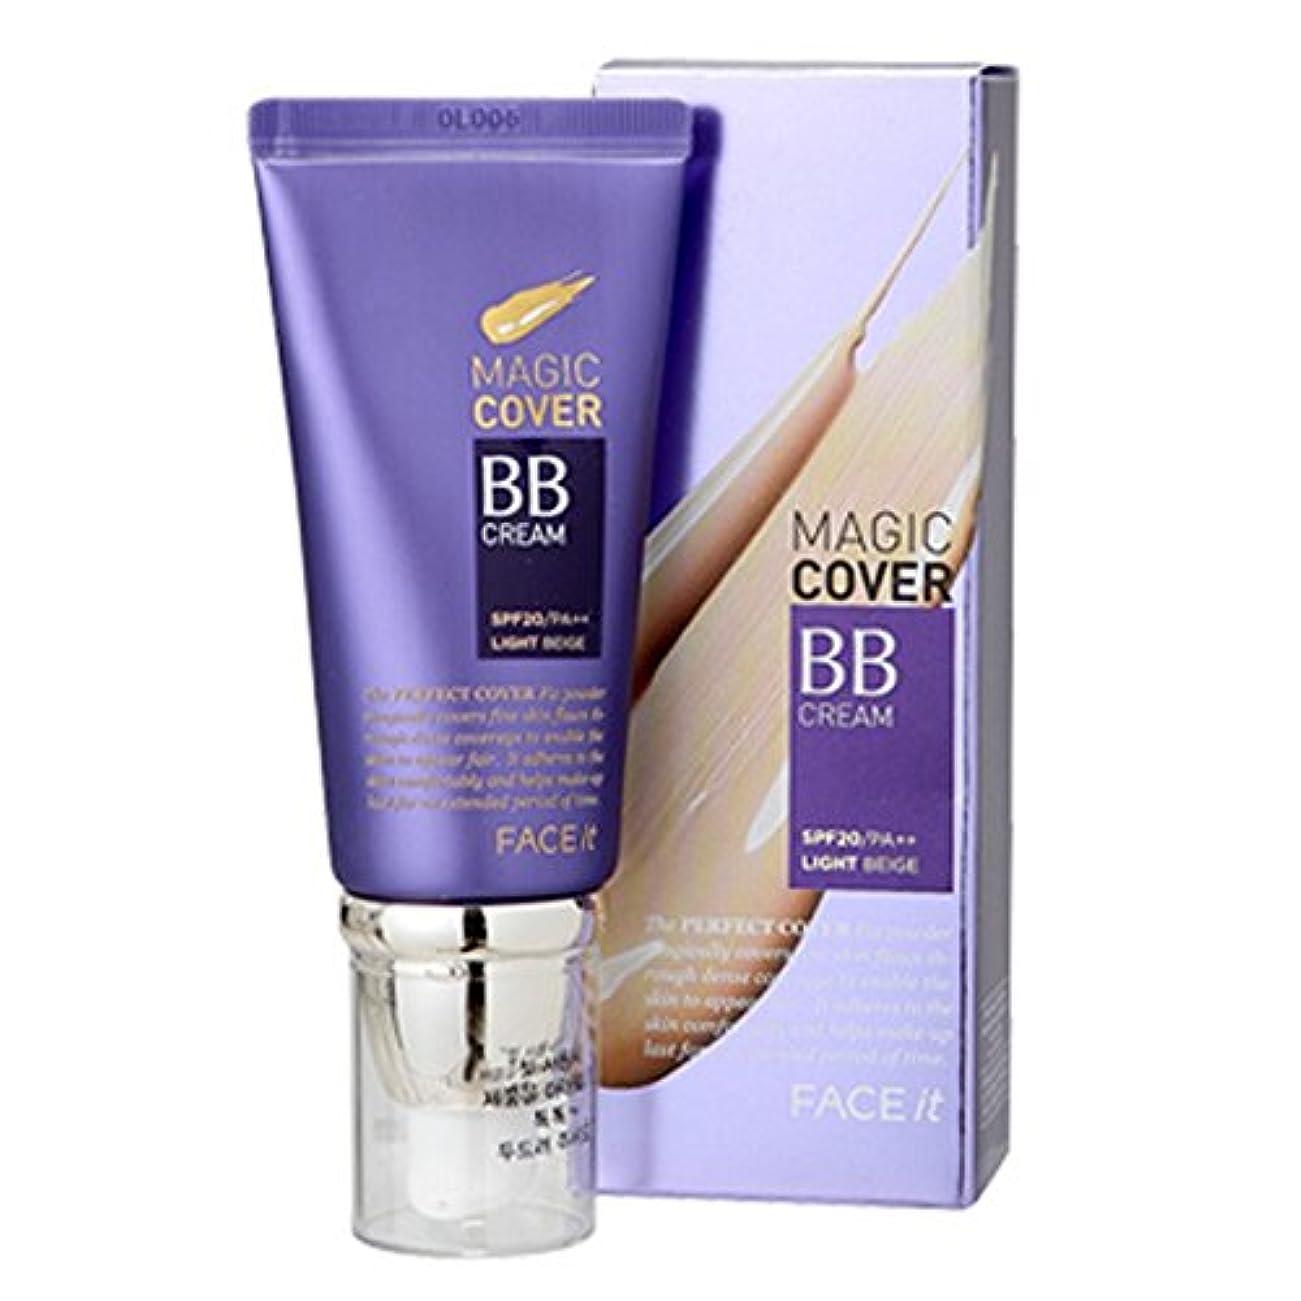 気怠いうまくいけば避けられないザフェイスショップ The Face Shop Face It Magic Cover BB Cream 45ml (01 Light Beige)